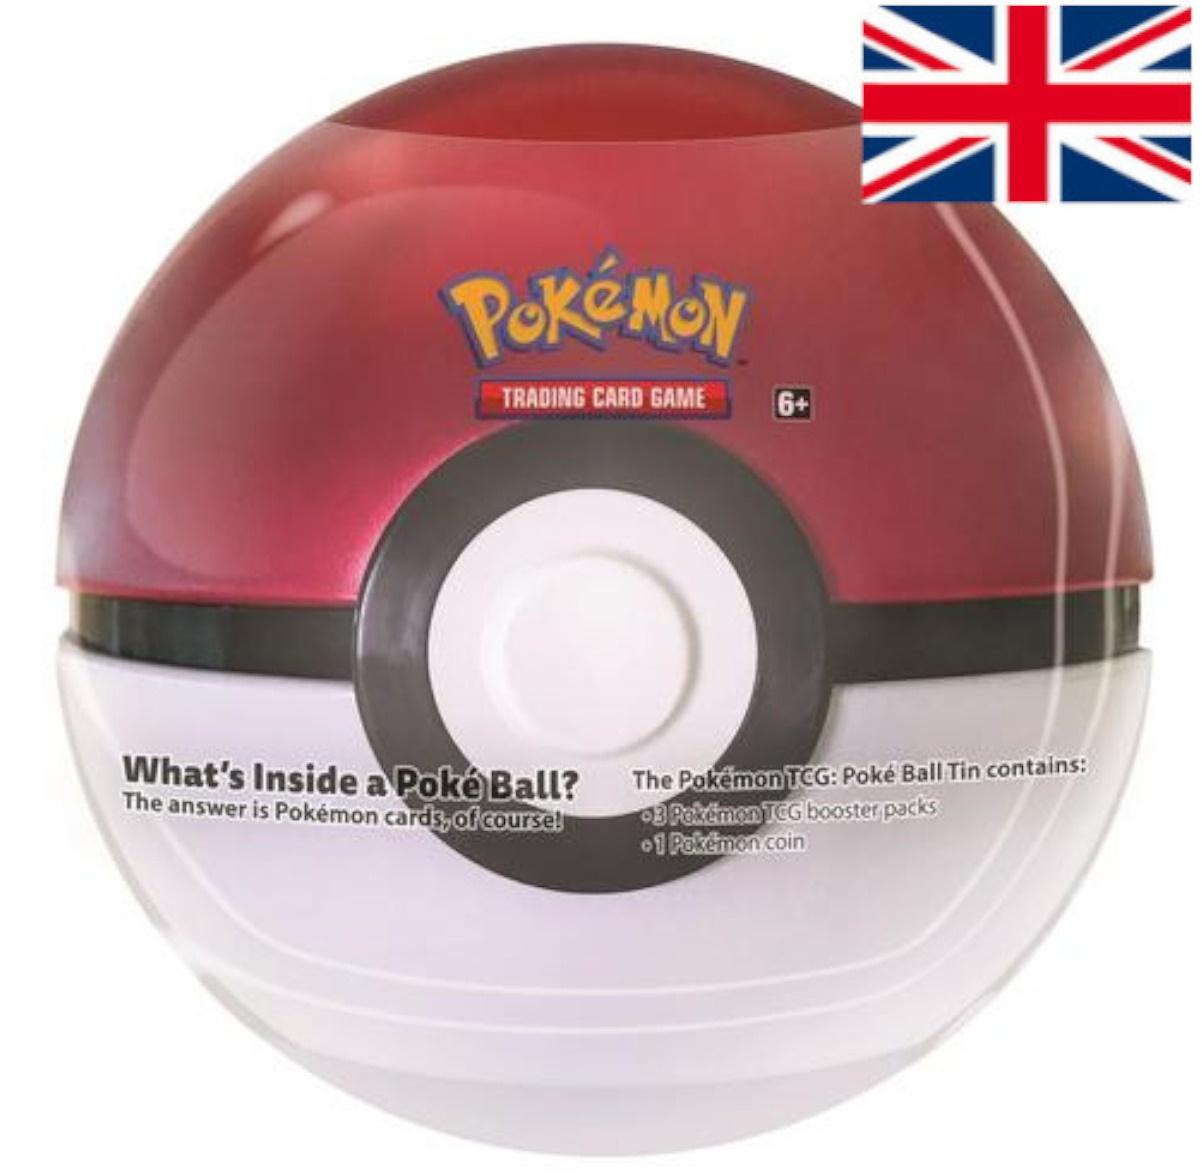 Pokémon - March 2021 POKÉBALL TIN